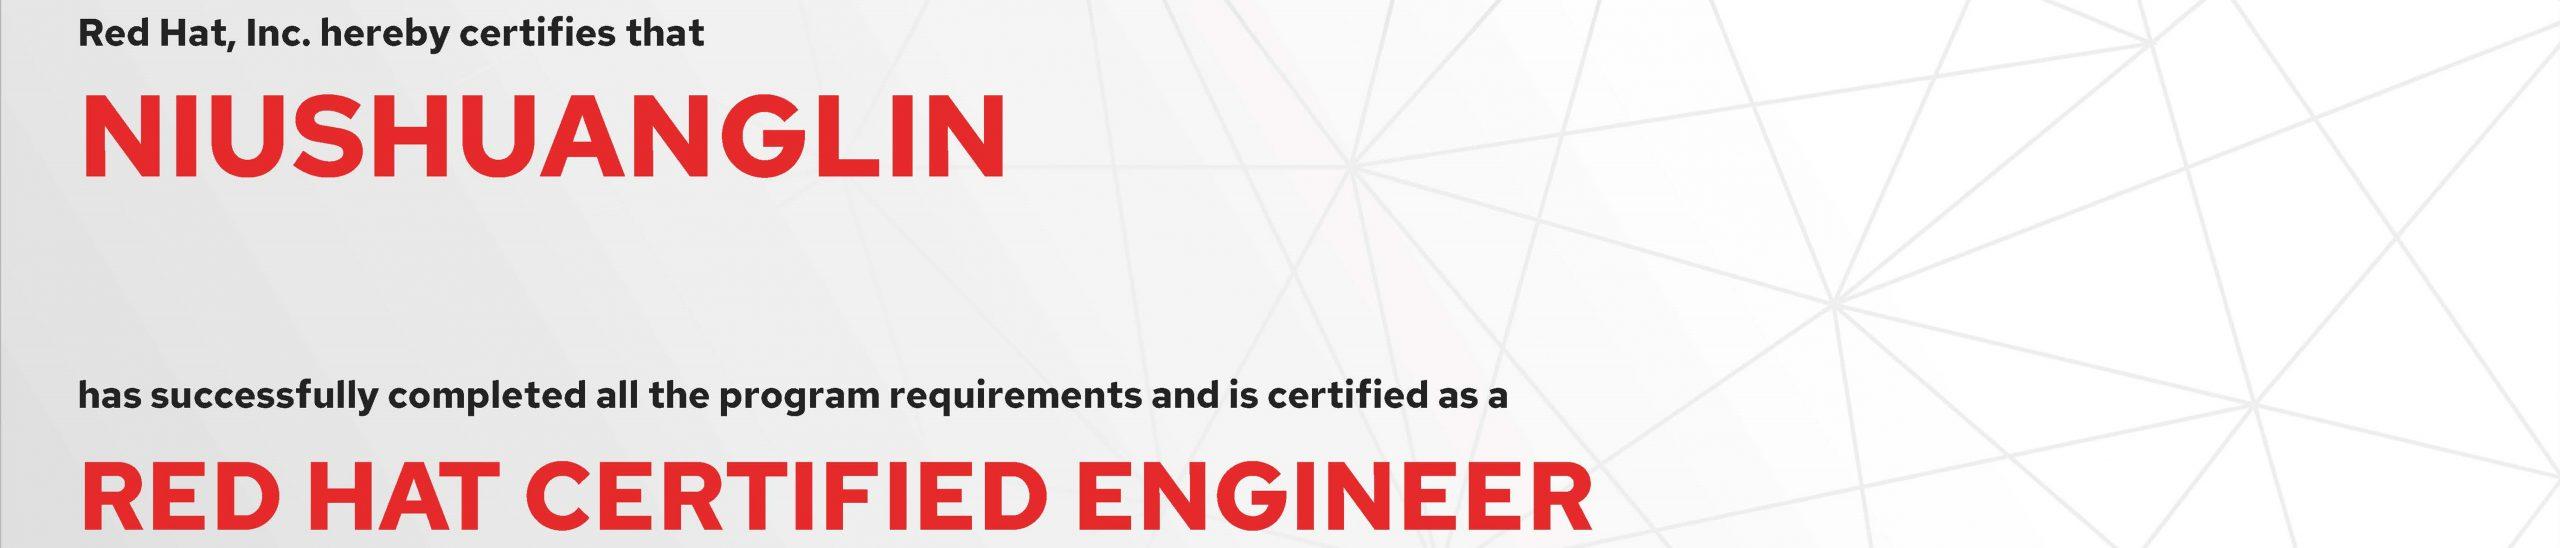 捷讯:牛双林7月9日北京顺利通过RHCE认证。